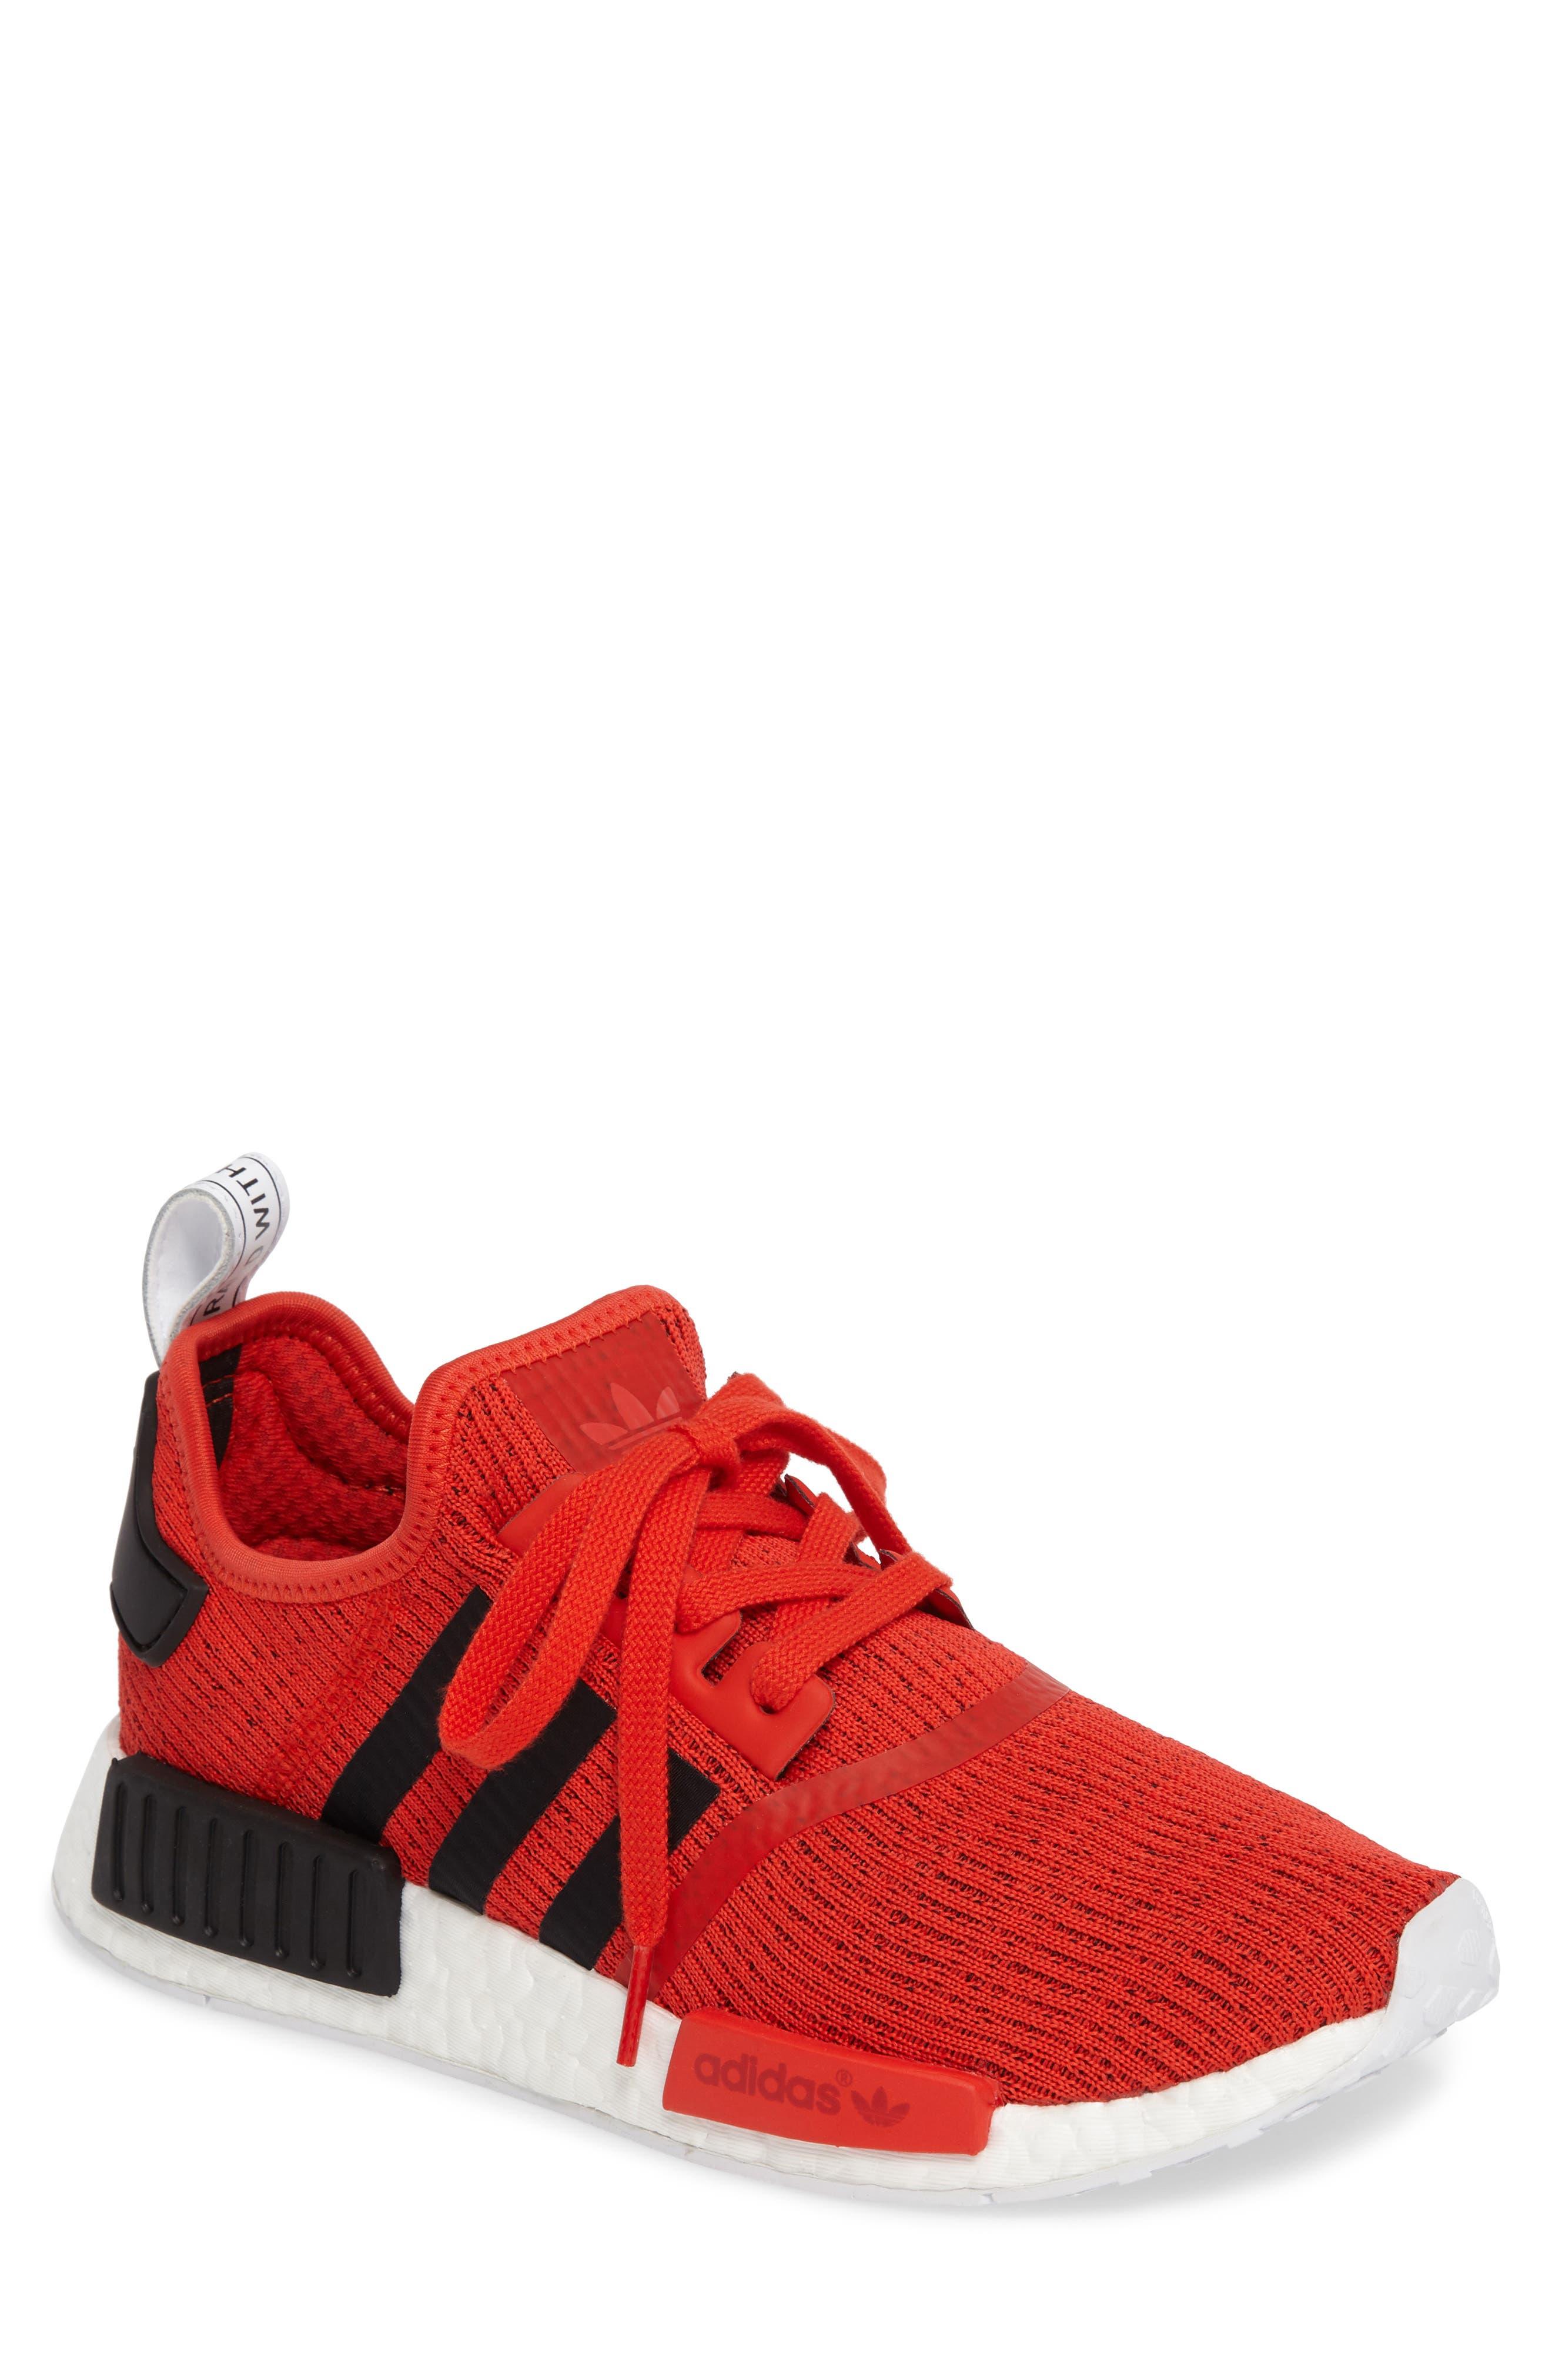 Main Image - adidas Originals NMD R1 Sneaker (Men)